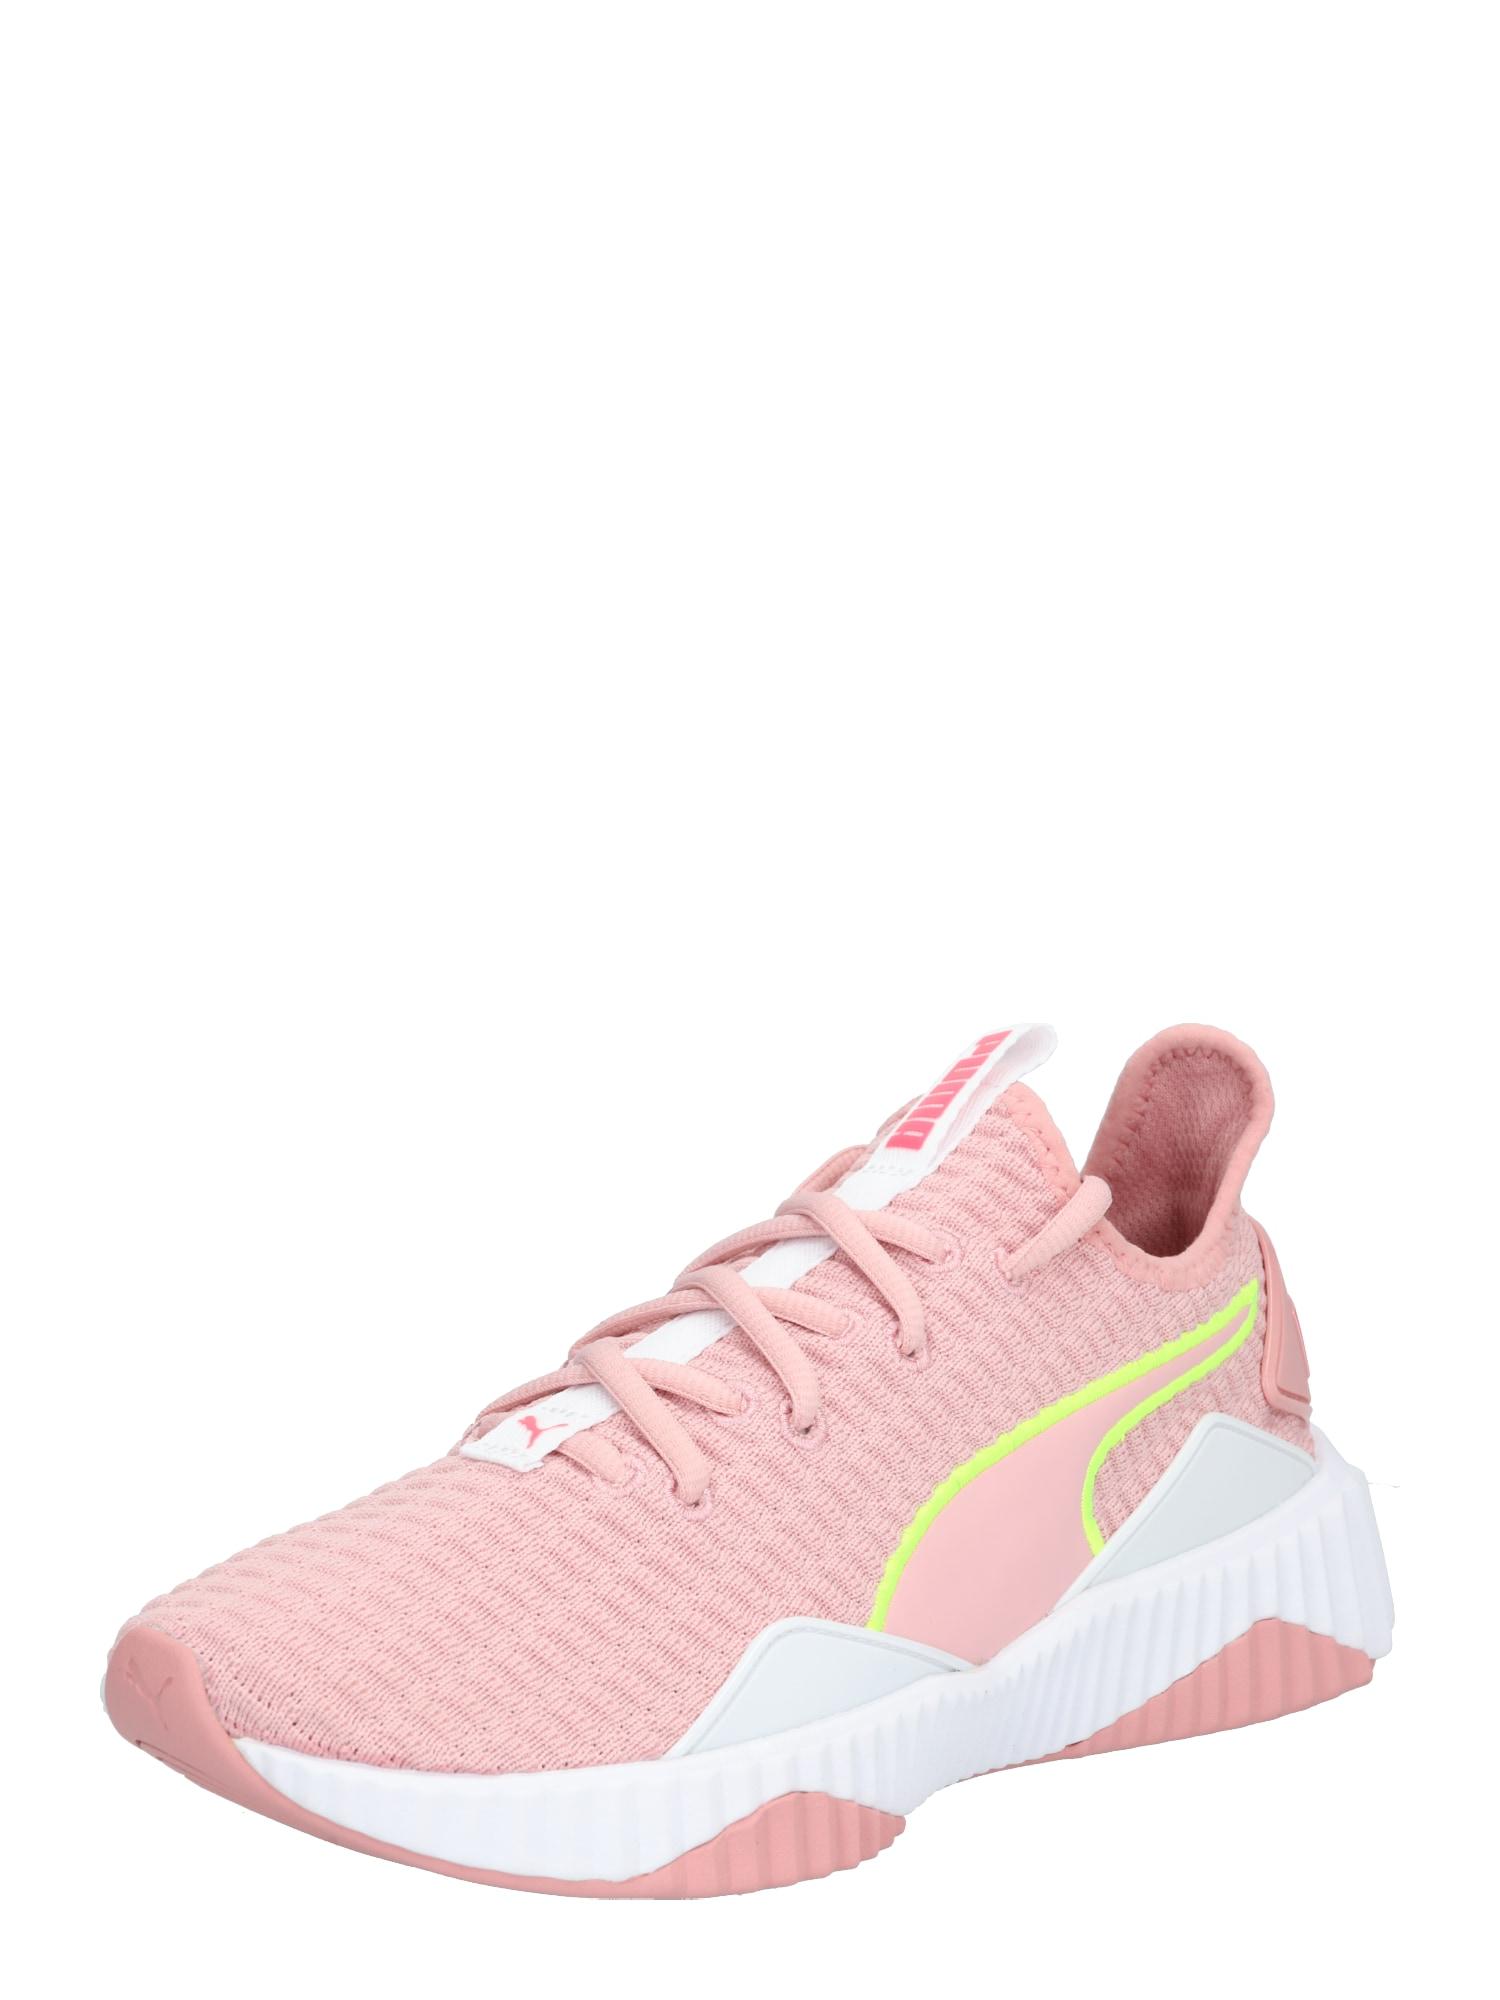 Sportovní boty Defy růžová PUMA